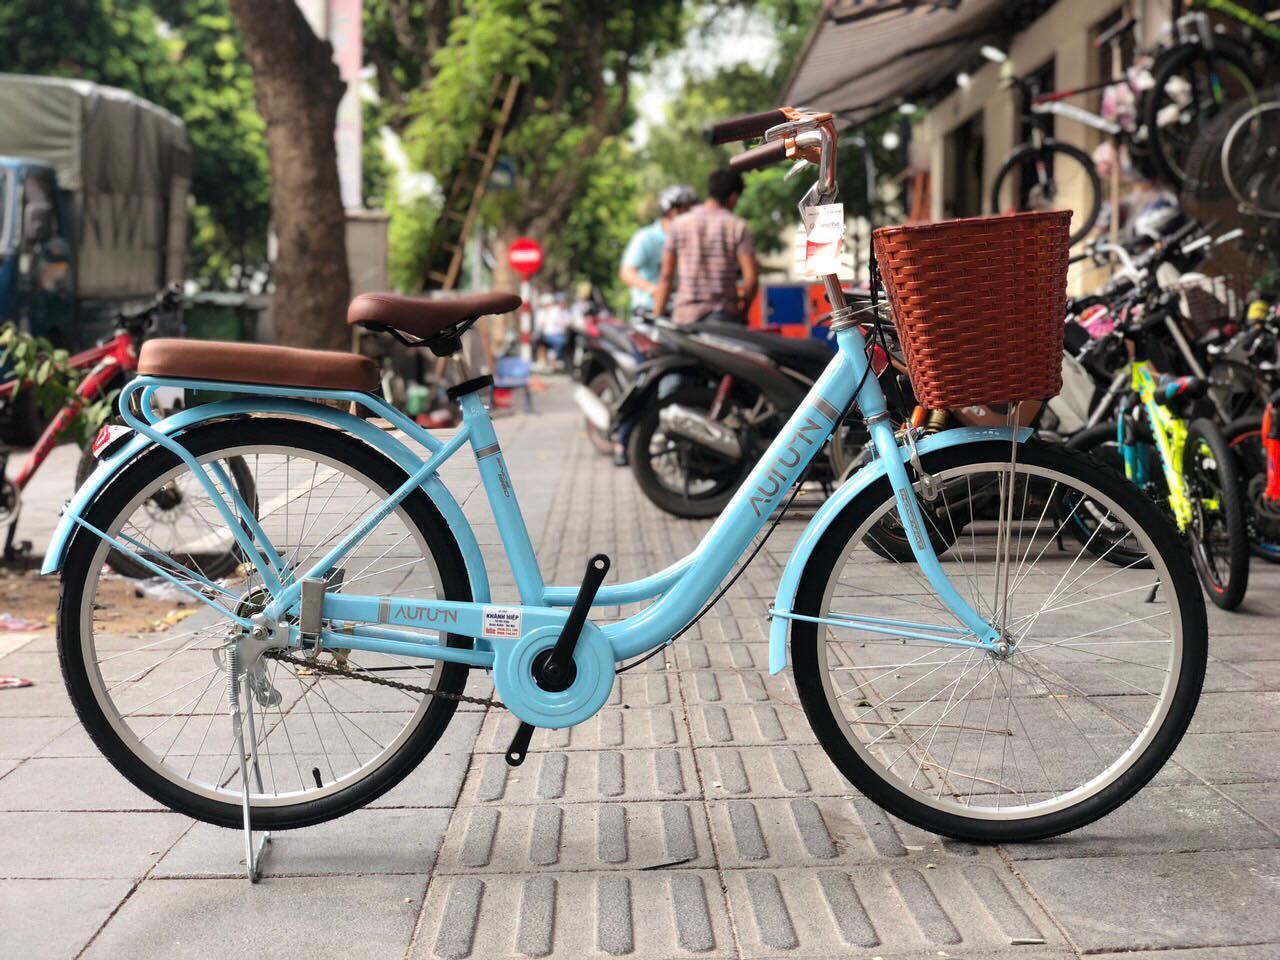 Xe đạp Autumn 24